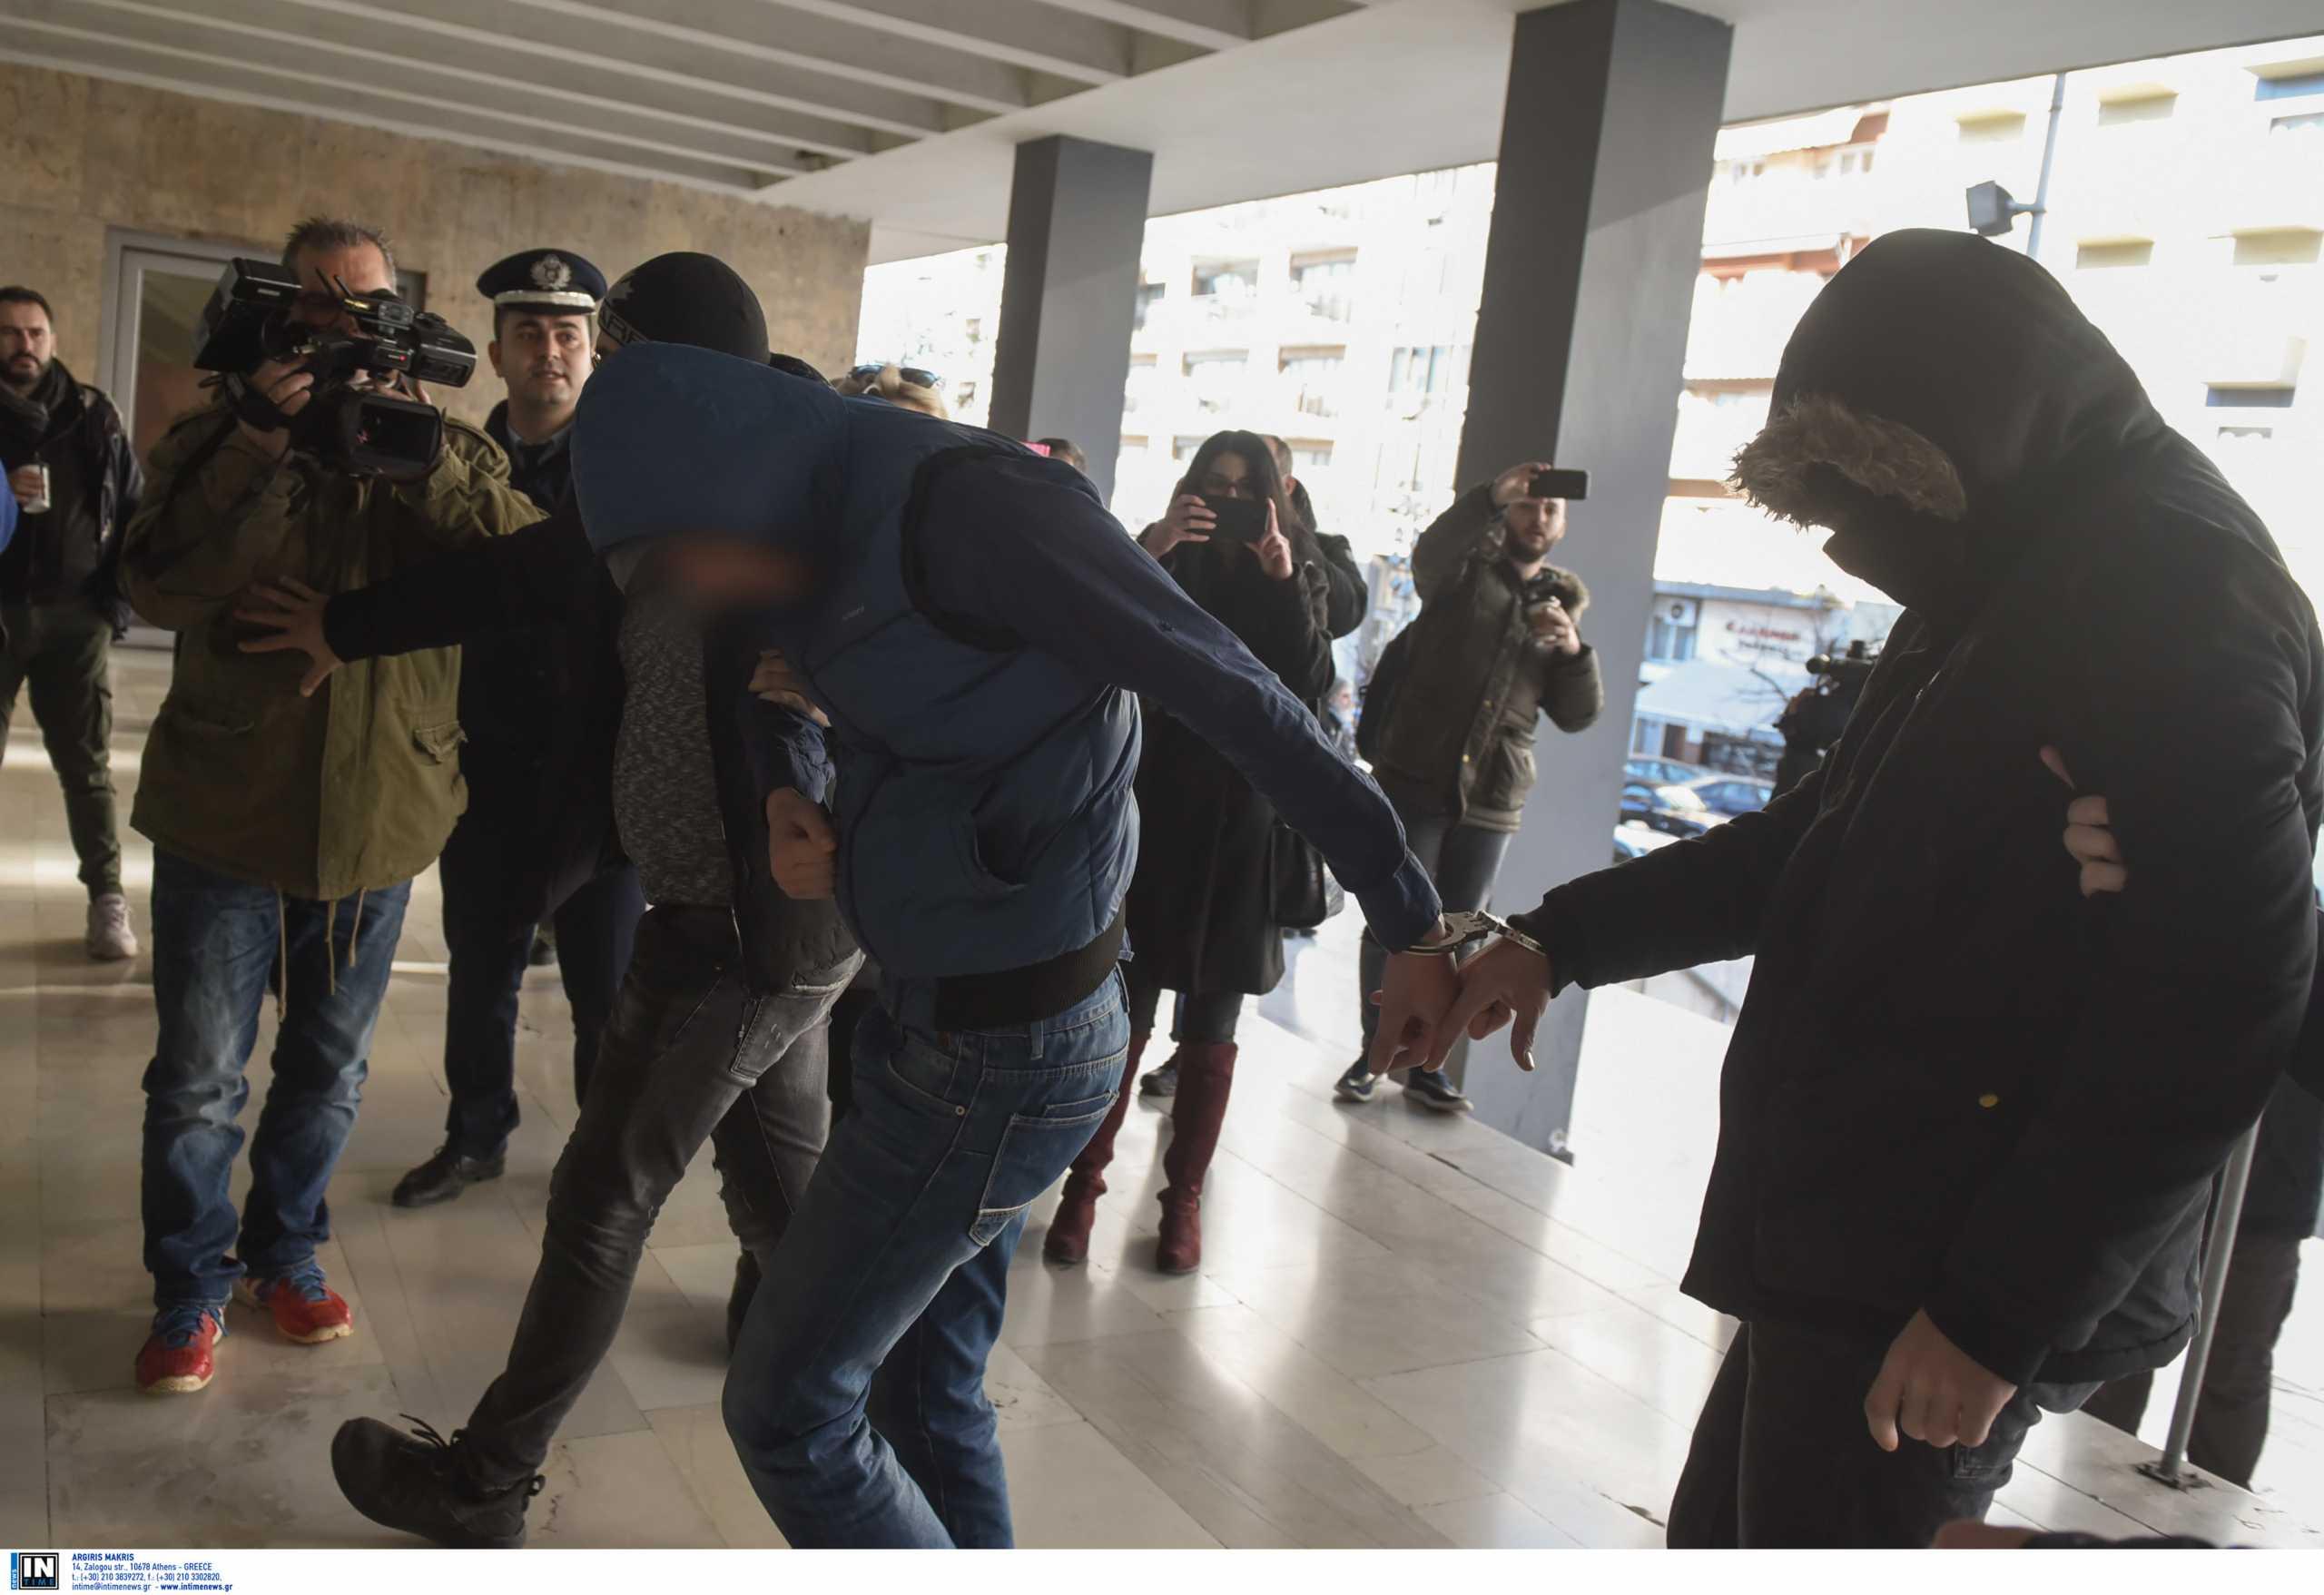 Θάνατος Βούλγαρου οπαδού: Συνεχίστηκε η δίκη με καταθέσεις μαρτύρων, τι ανέφερε η ιατροδικαστής